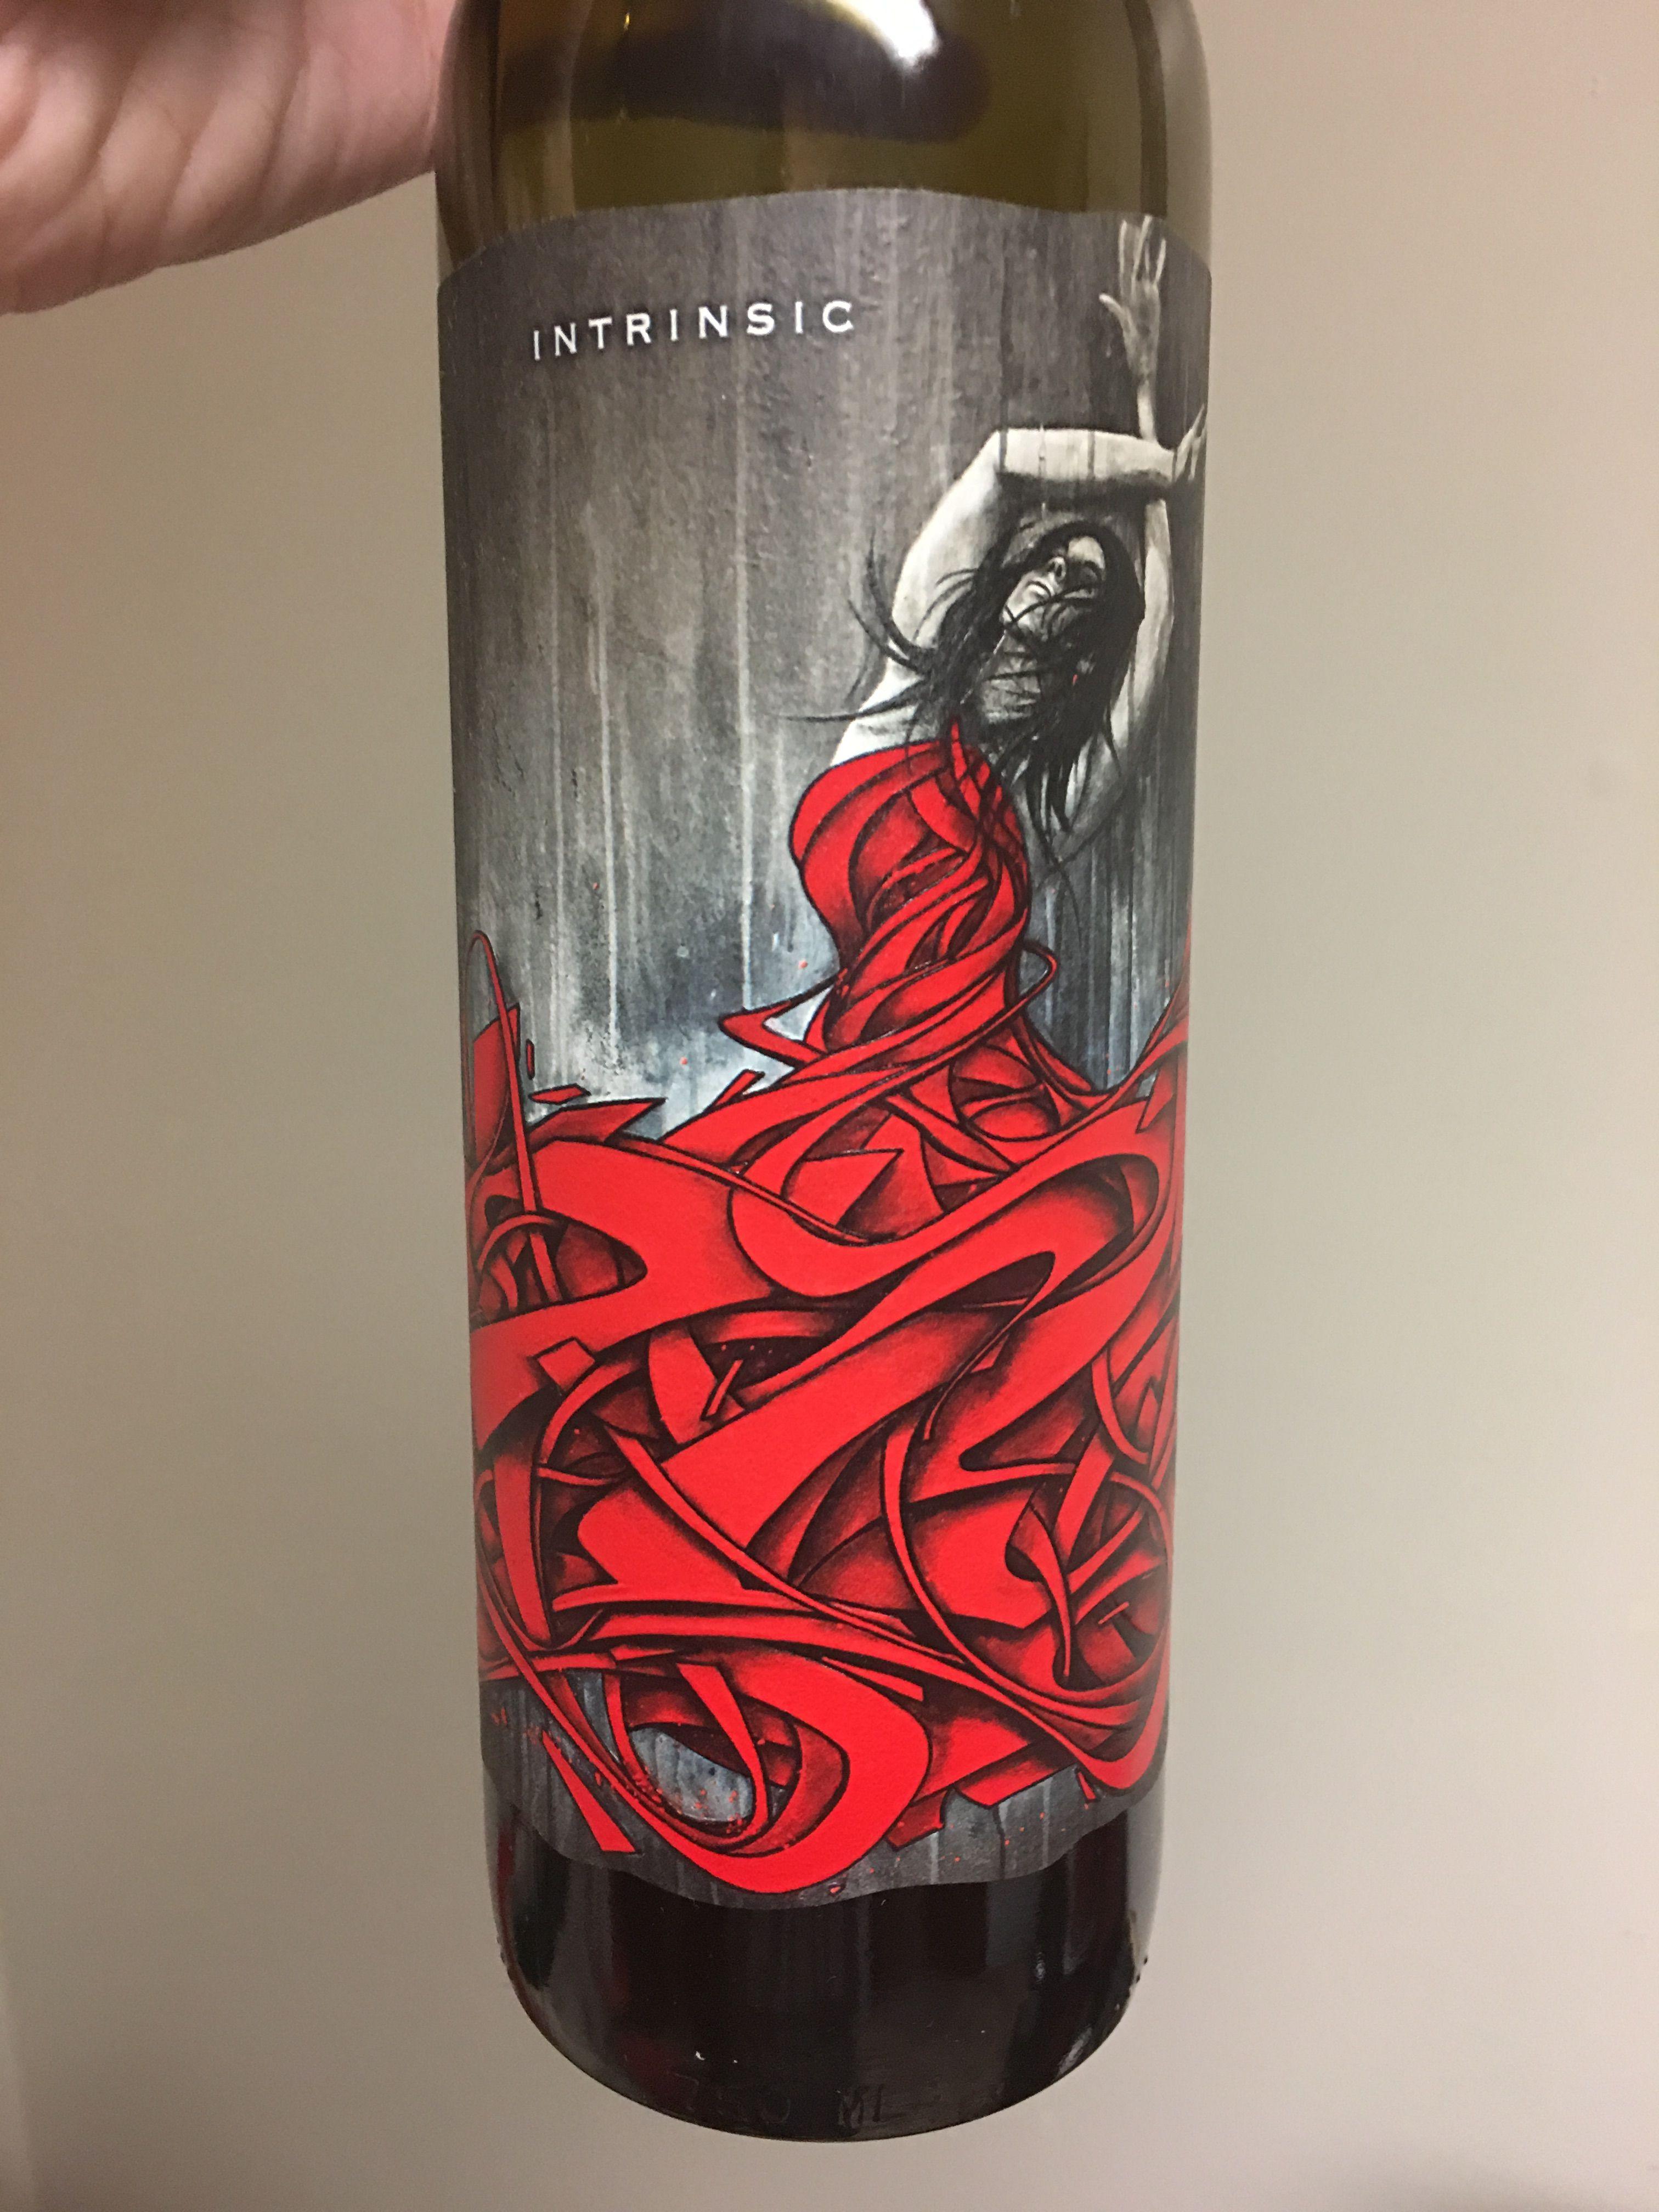 Intrinsic Unique Wine Labels Unique Wines Wine Bottle